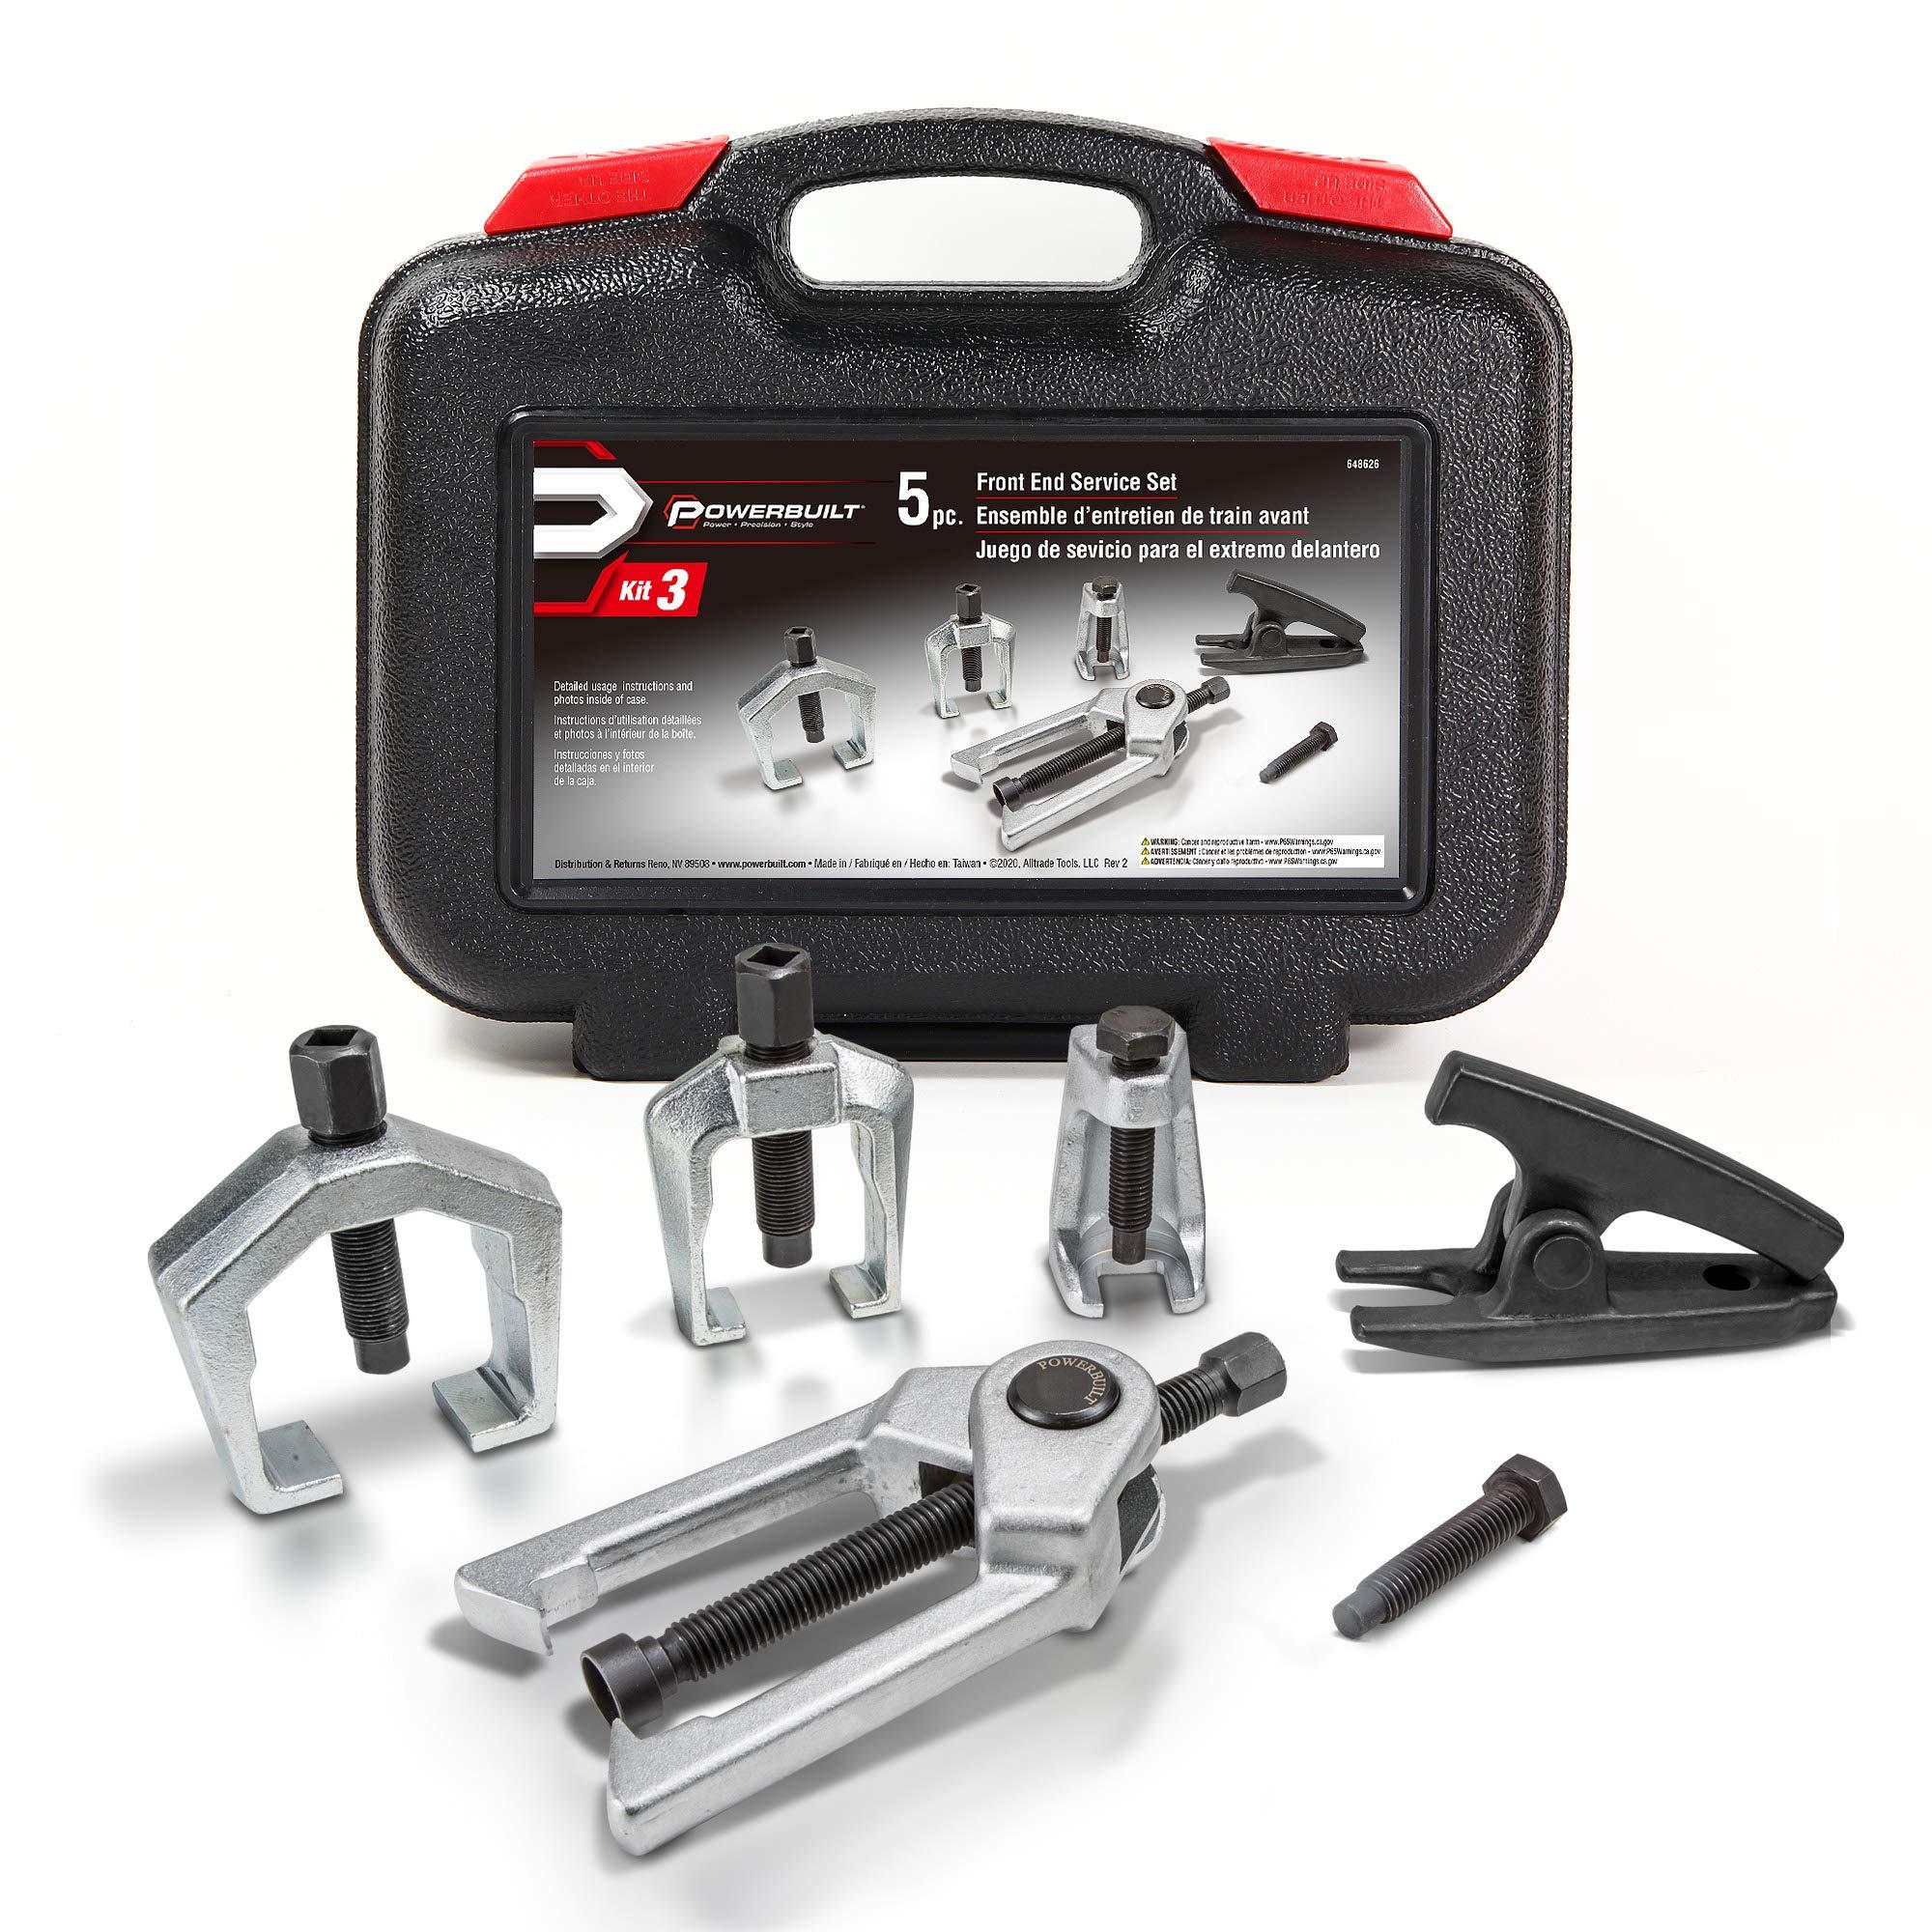 Powerbuilt 648626 6 Pc Front End Service Set Kit 3